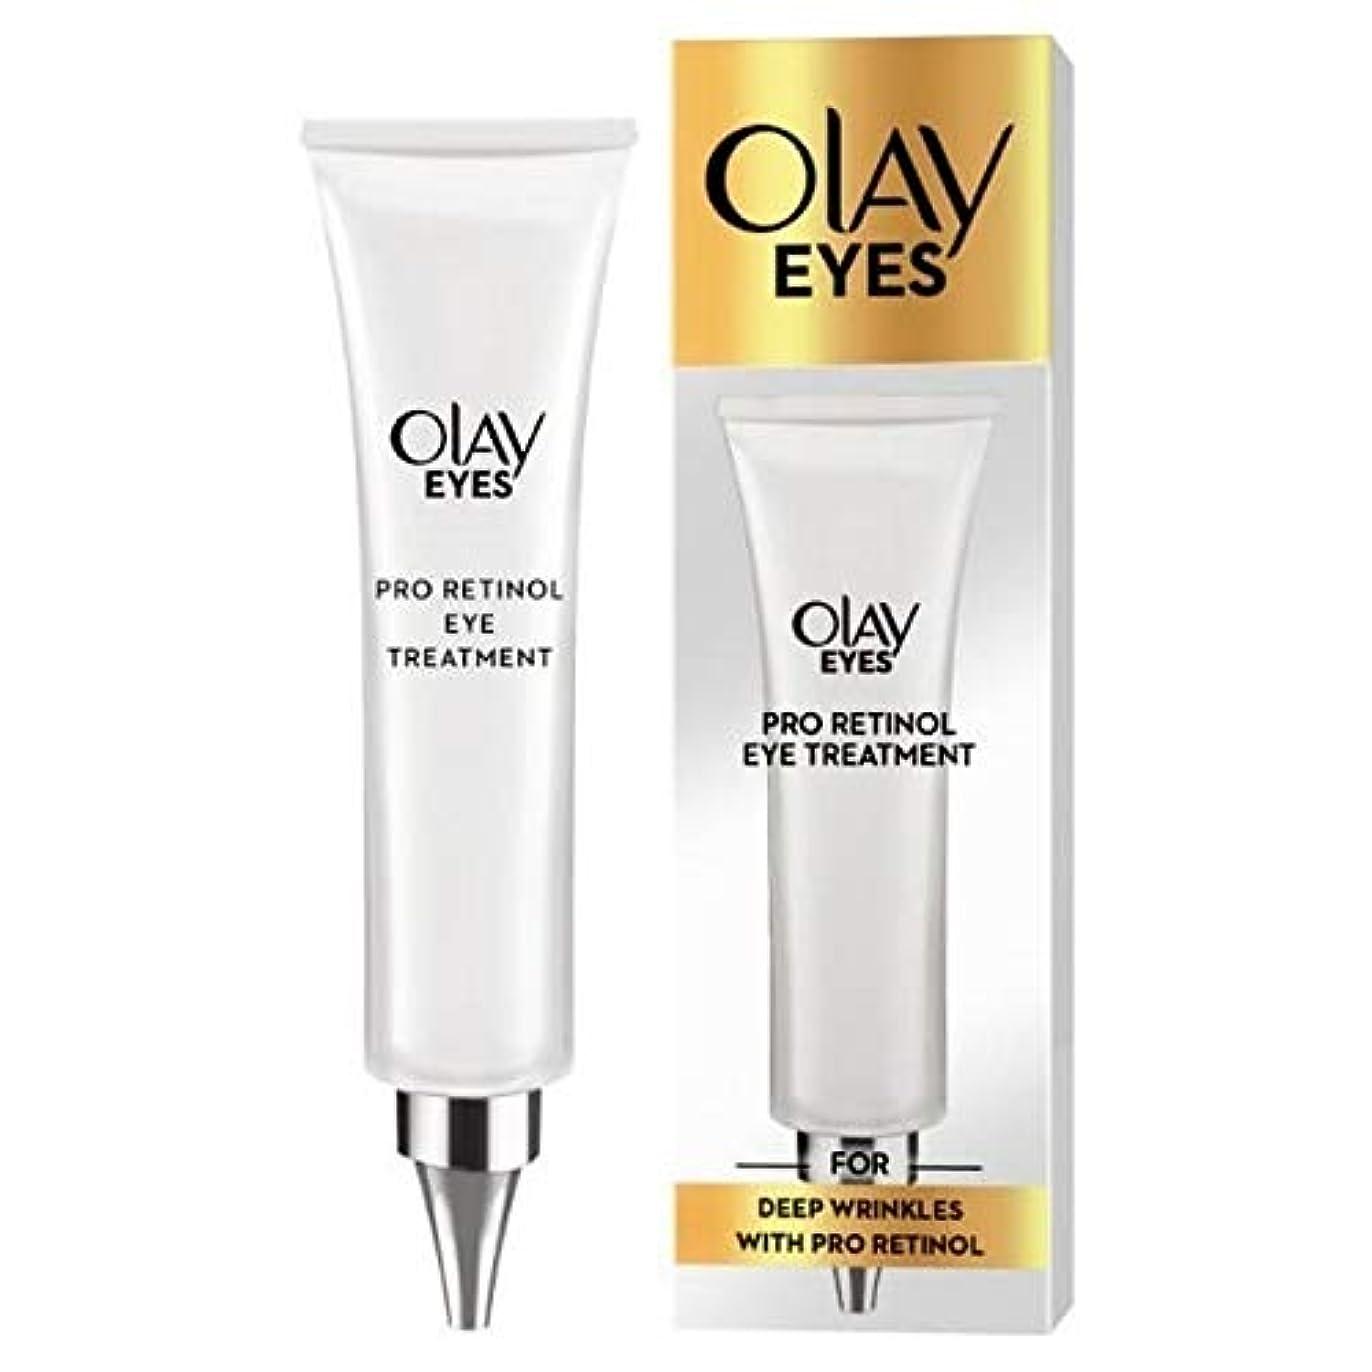 落胆した有望沈黙[Olay ] オーレイ目プロレチノールアイトリートメント - Olay Eyes Pro-Retinol Eye Treatment [並行輸入品]